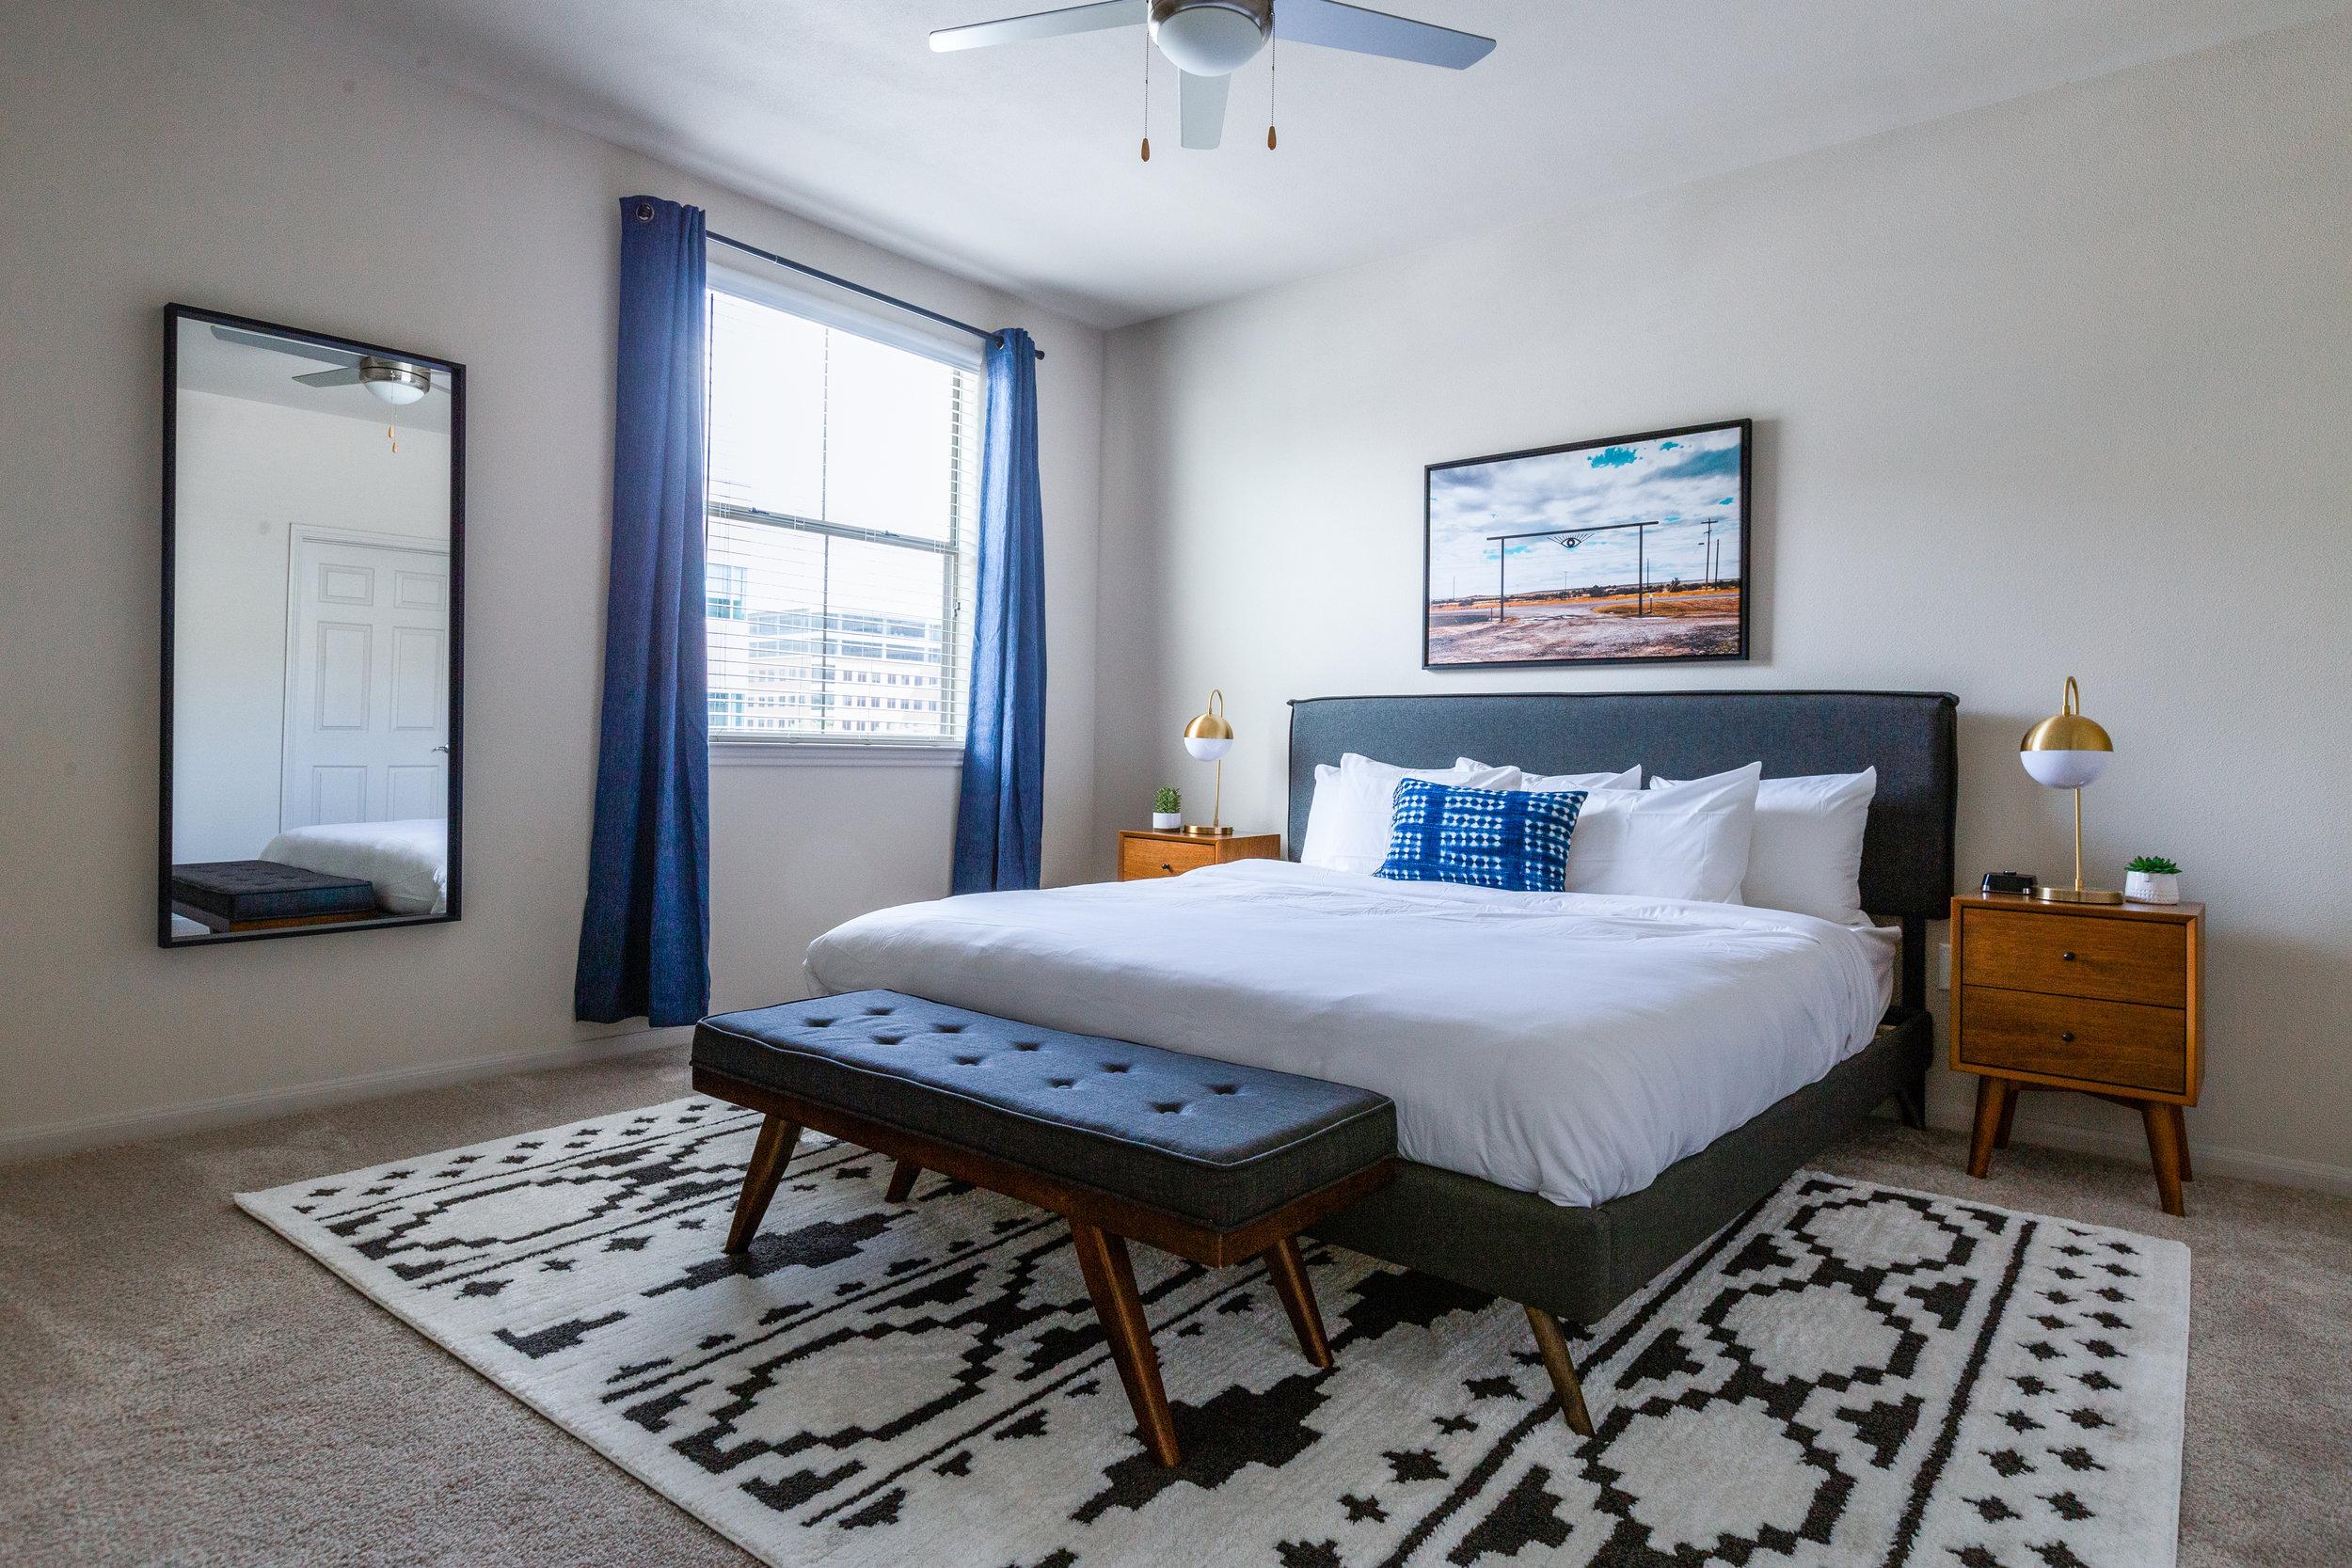 Love-Ding-Blog-Bold-Rug-Bedroom-Design-Locale-Apartment-Hotels.jpg